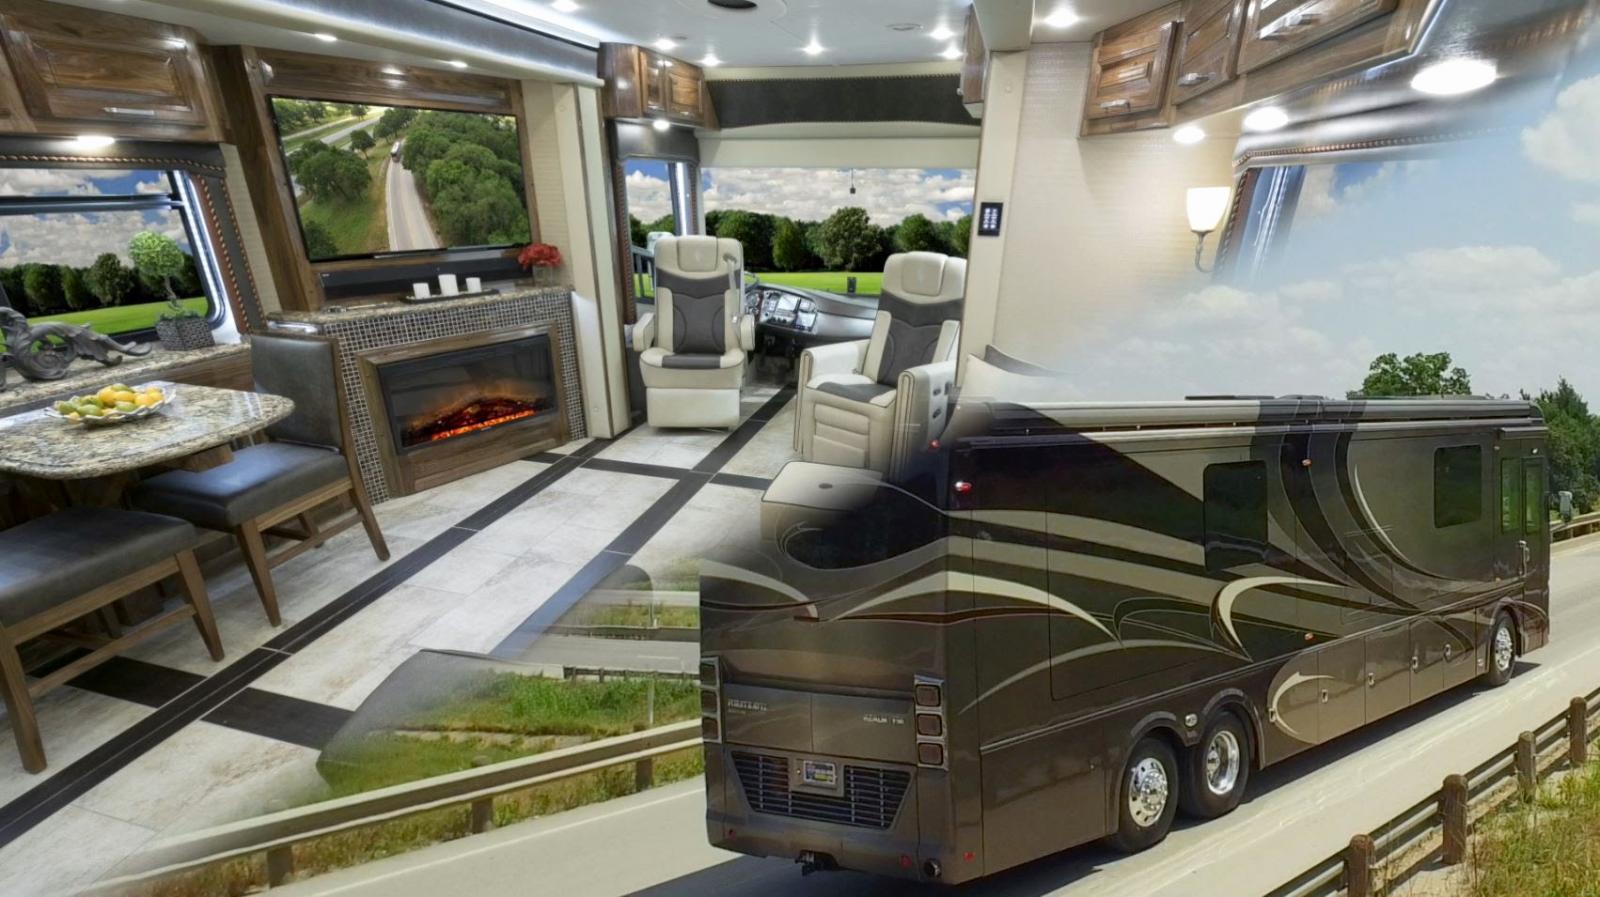 El Foretravel IH – 45 Luxury Motor Coach visto de una manera general tanto interna como externa